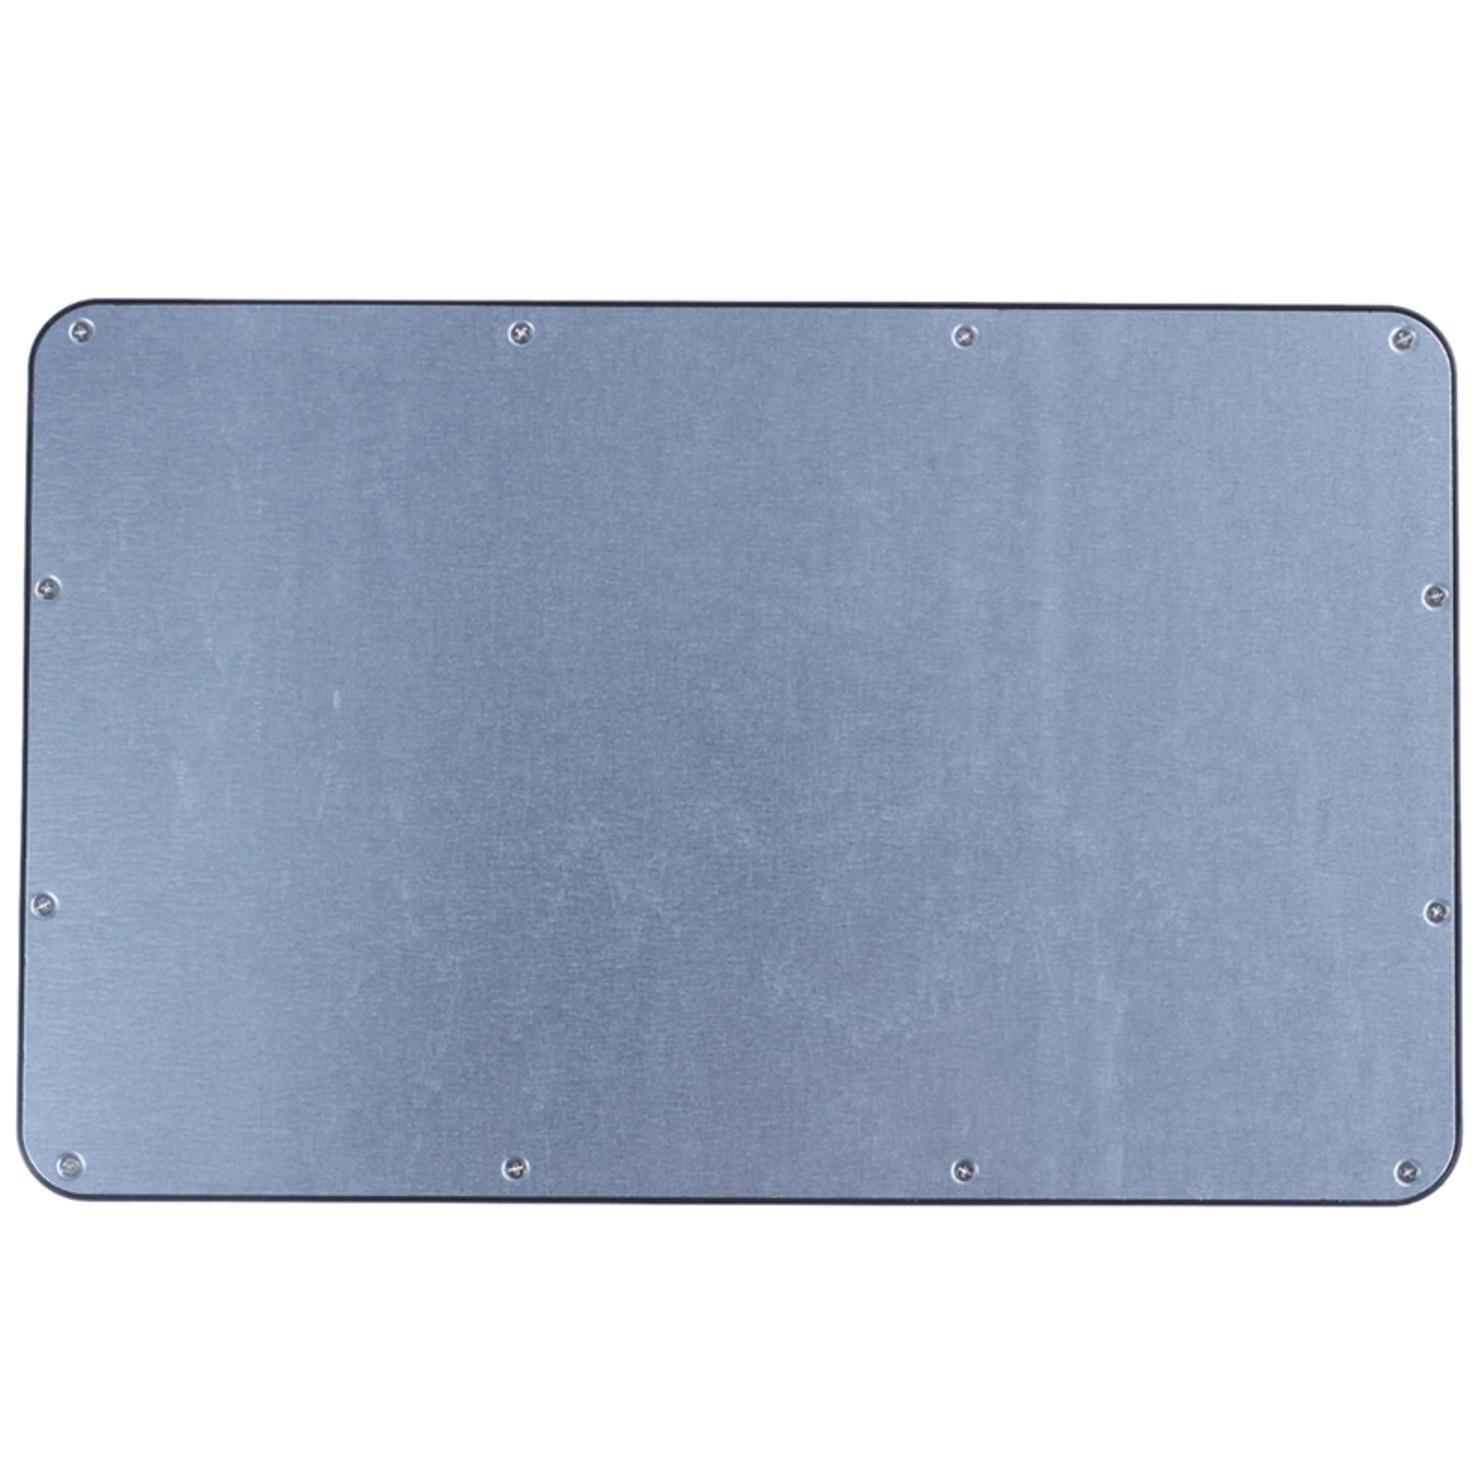 Bàn Phím Bluetooth Không Dây Mini Siêu Mỏng Cho Laptop Ipad Apple Mac Tablet Smartphone For Ios Android Windows